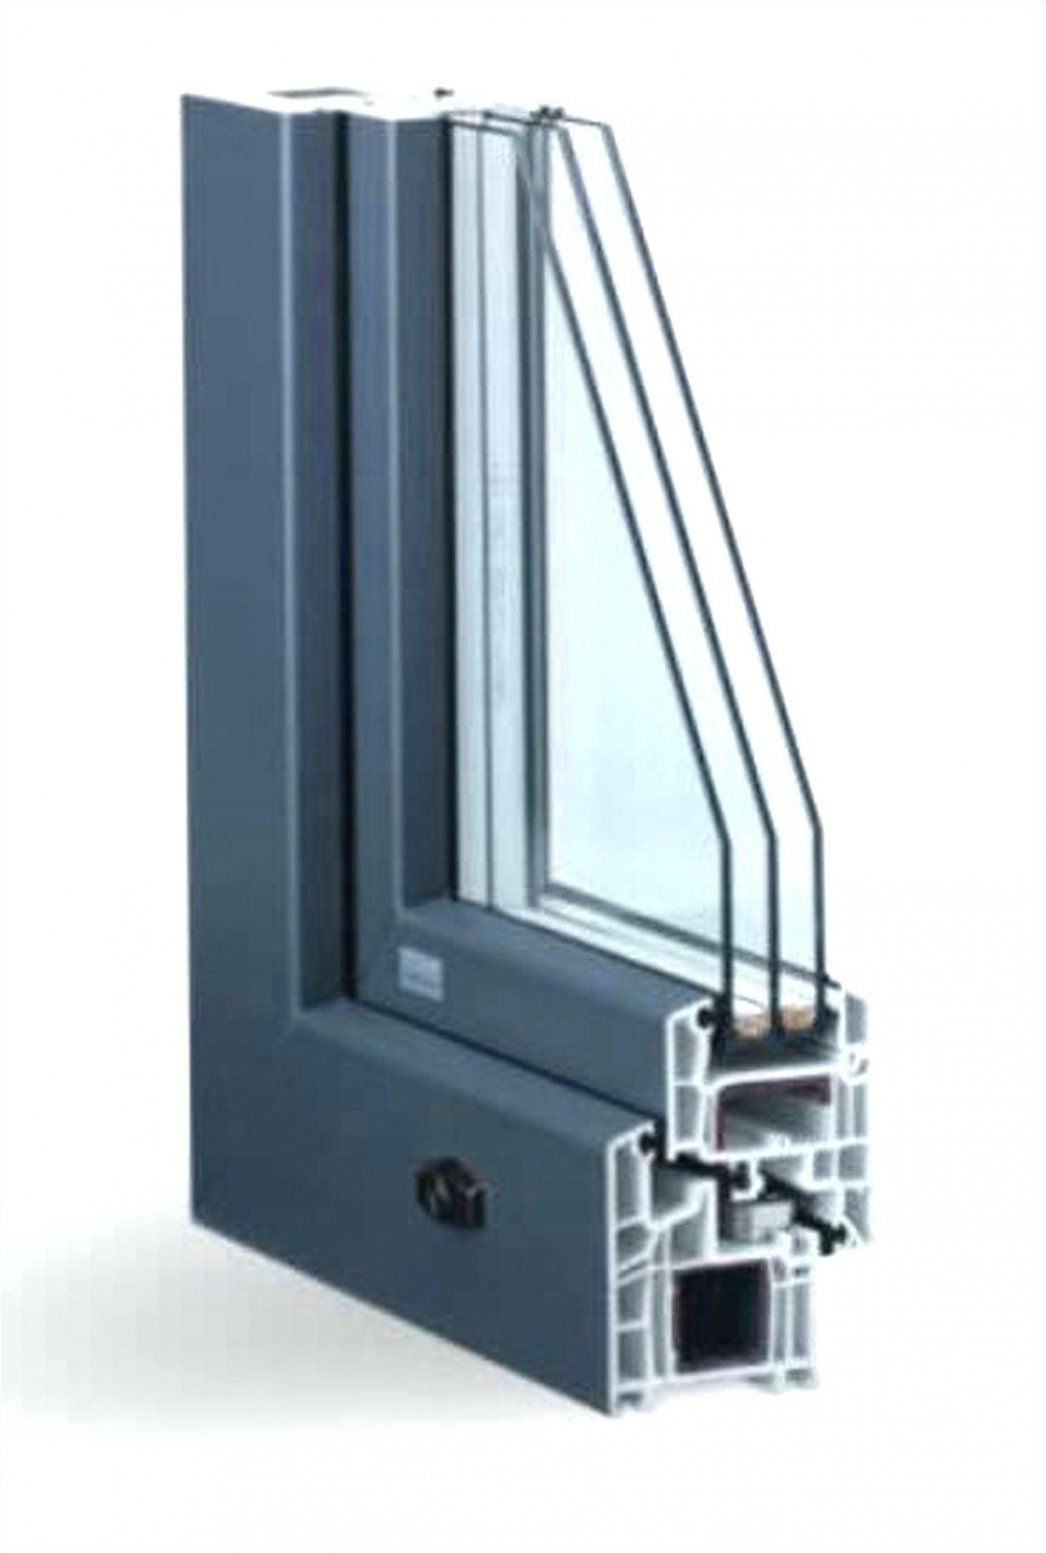 Fenster 3 Fach Verglasung – Furnacepark von 3 Fach Verglasung Nachteile Photo